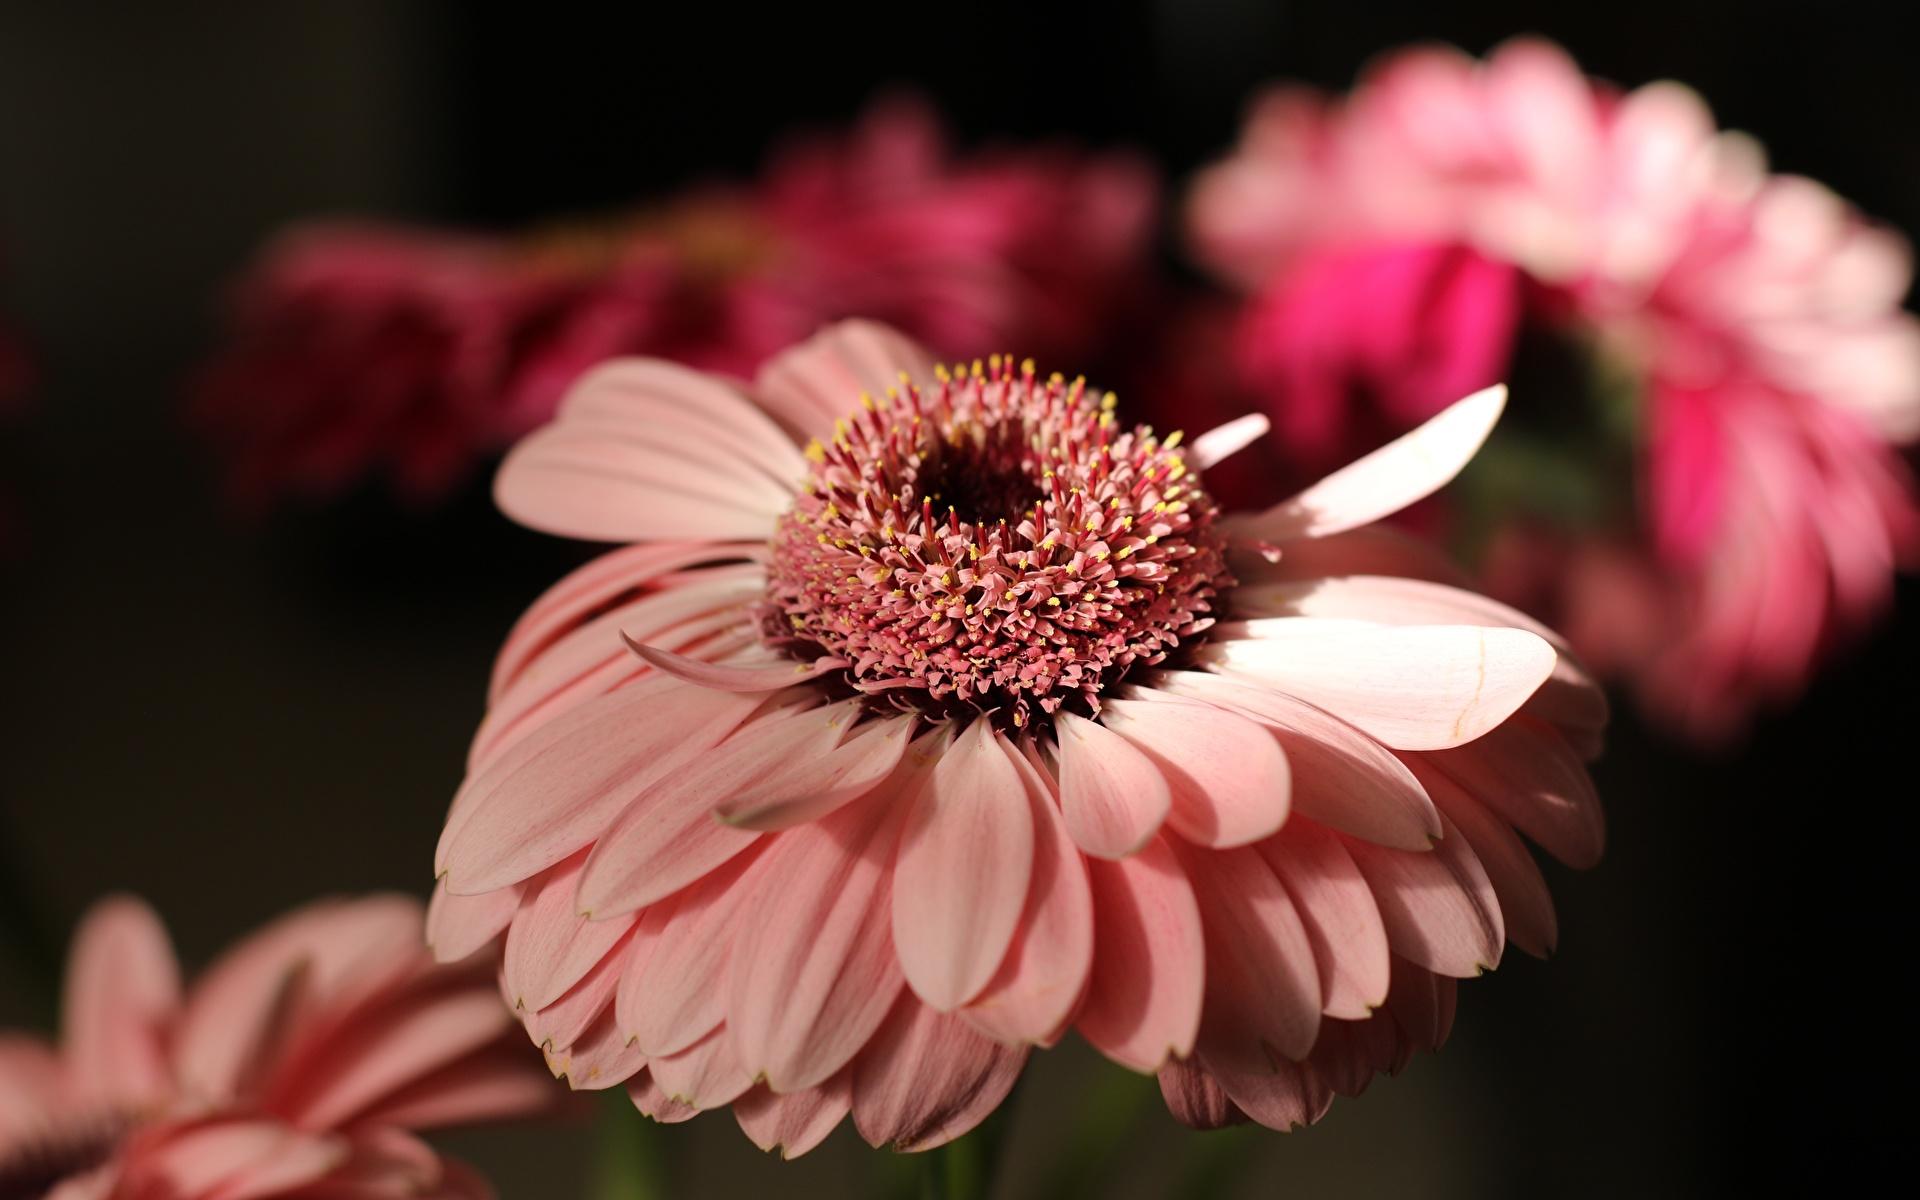 Фото боке гербера Розовый цветок вблизи 1920x1200 Размытый фон Герберы розовая розовые розовых Цветы Крупным планом